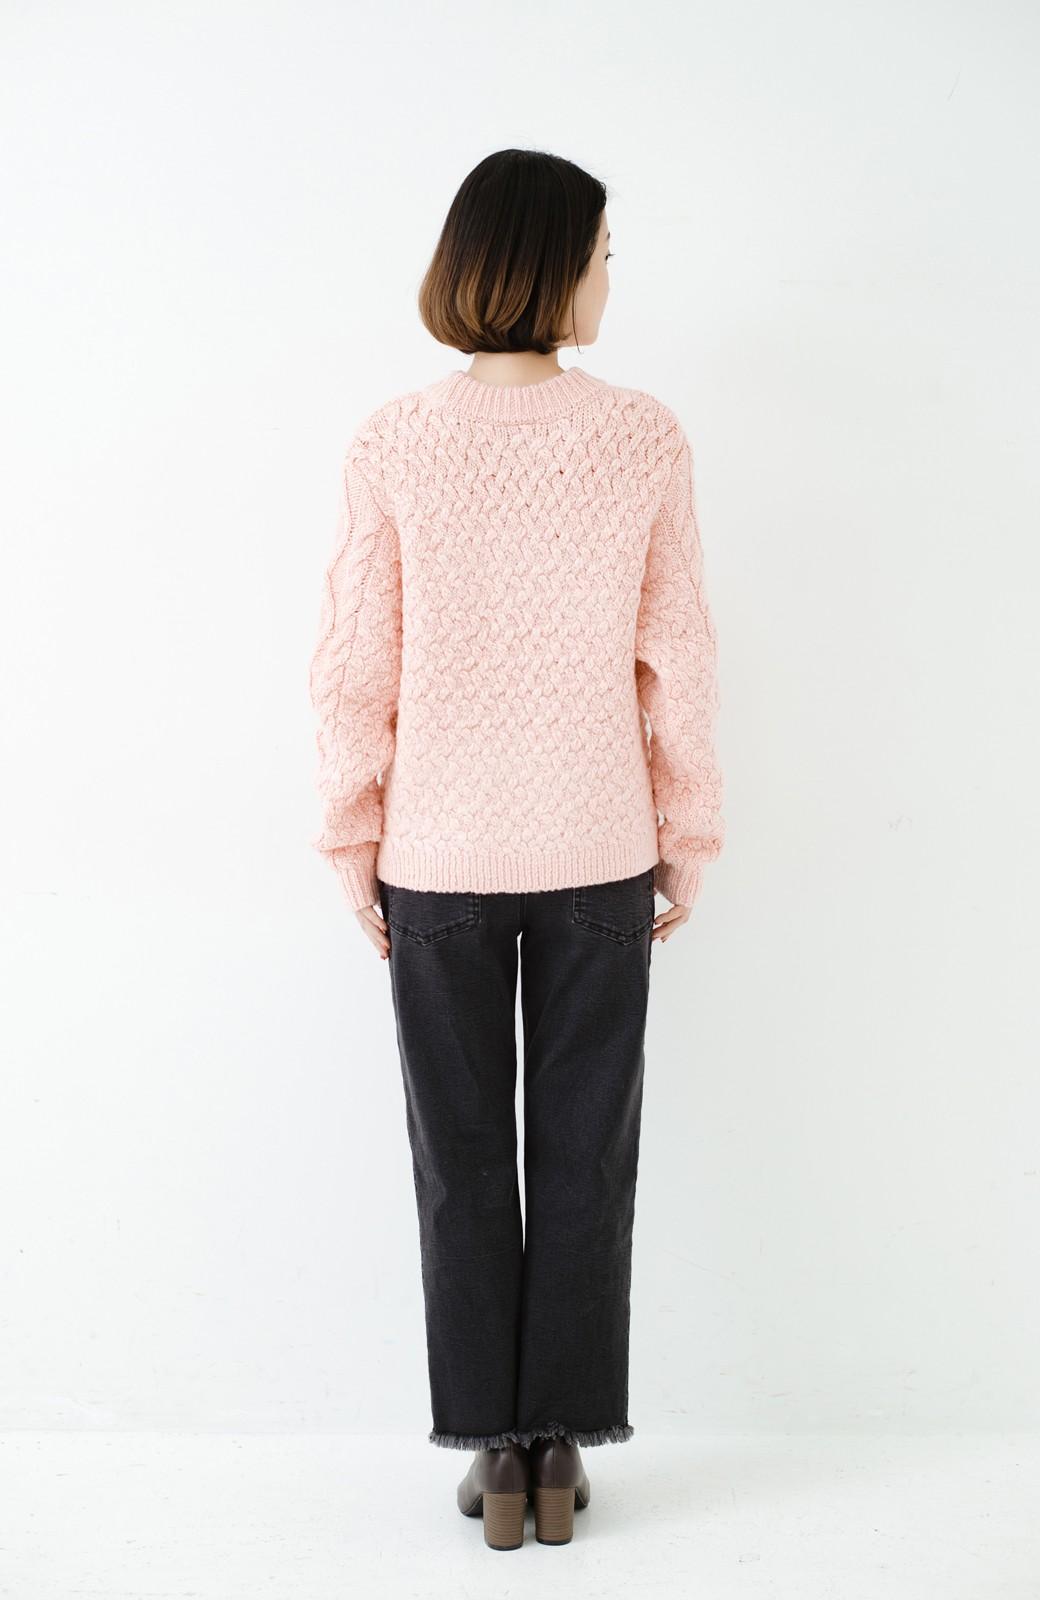 haco! 古着屋さんで見つけたようなもっふりケーブル編みセーター <ピンク>の商品写真13